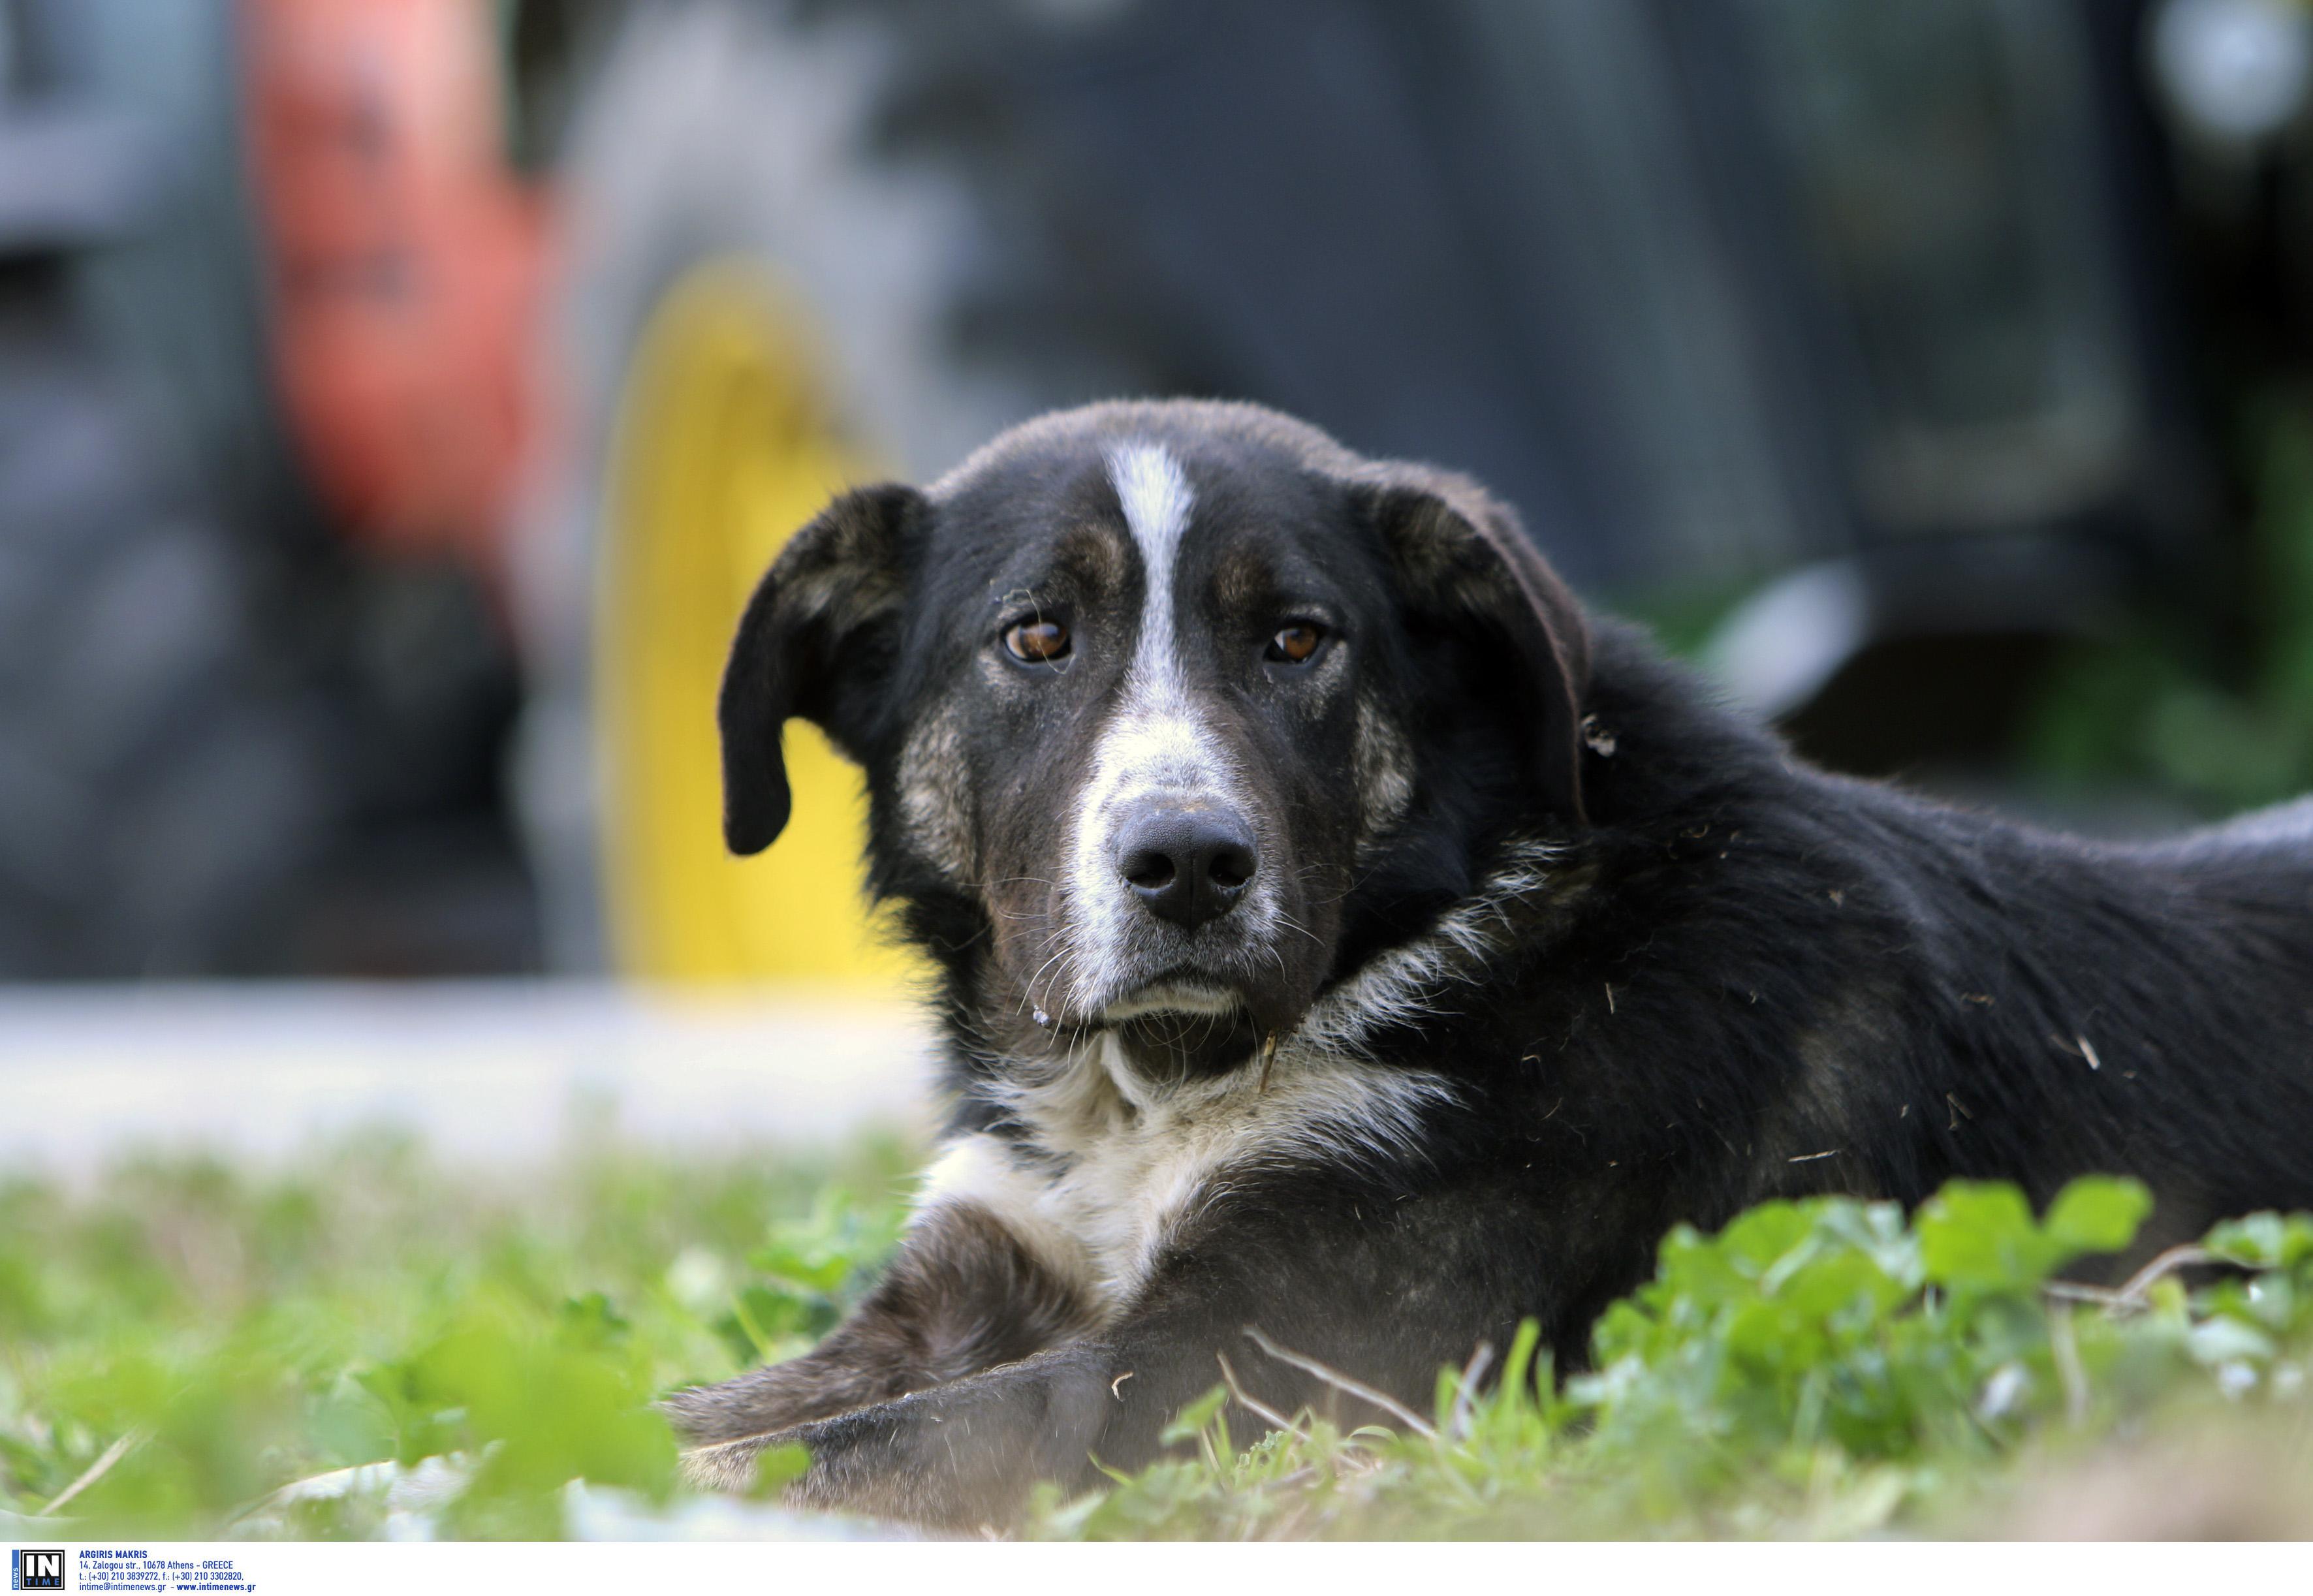 Θεσσαλονίκη: Στο νοσοκομείο 20χρονος μετά από επίθεση αδέσποτου σκύλου!